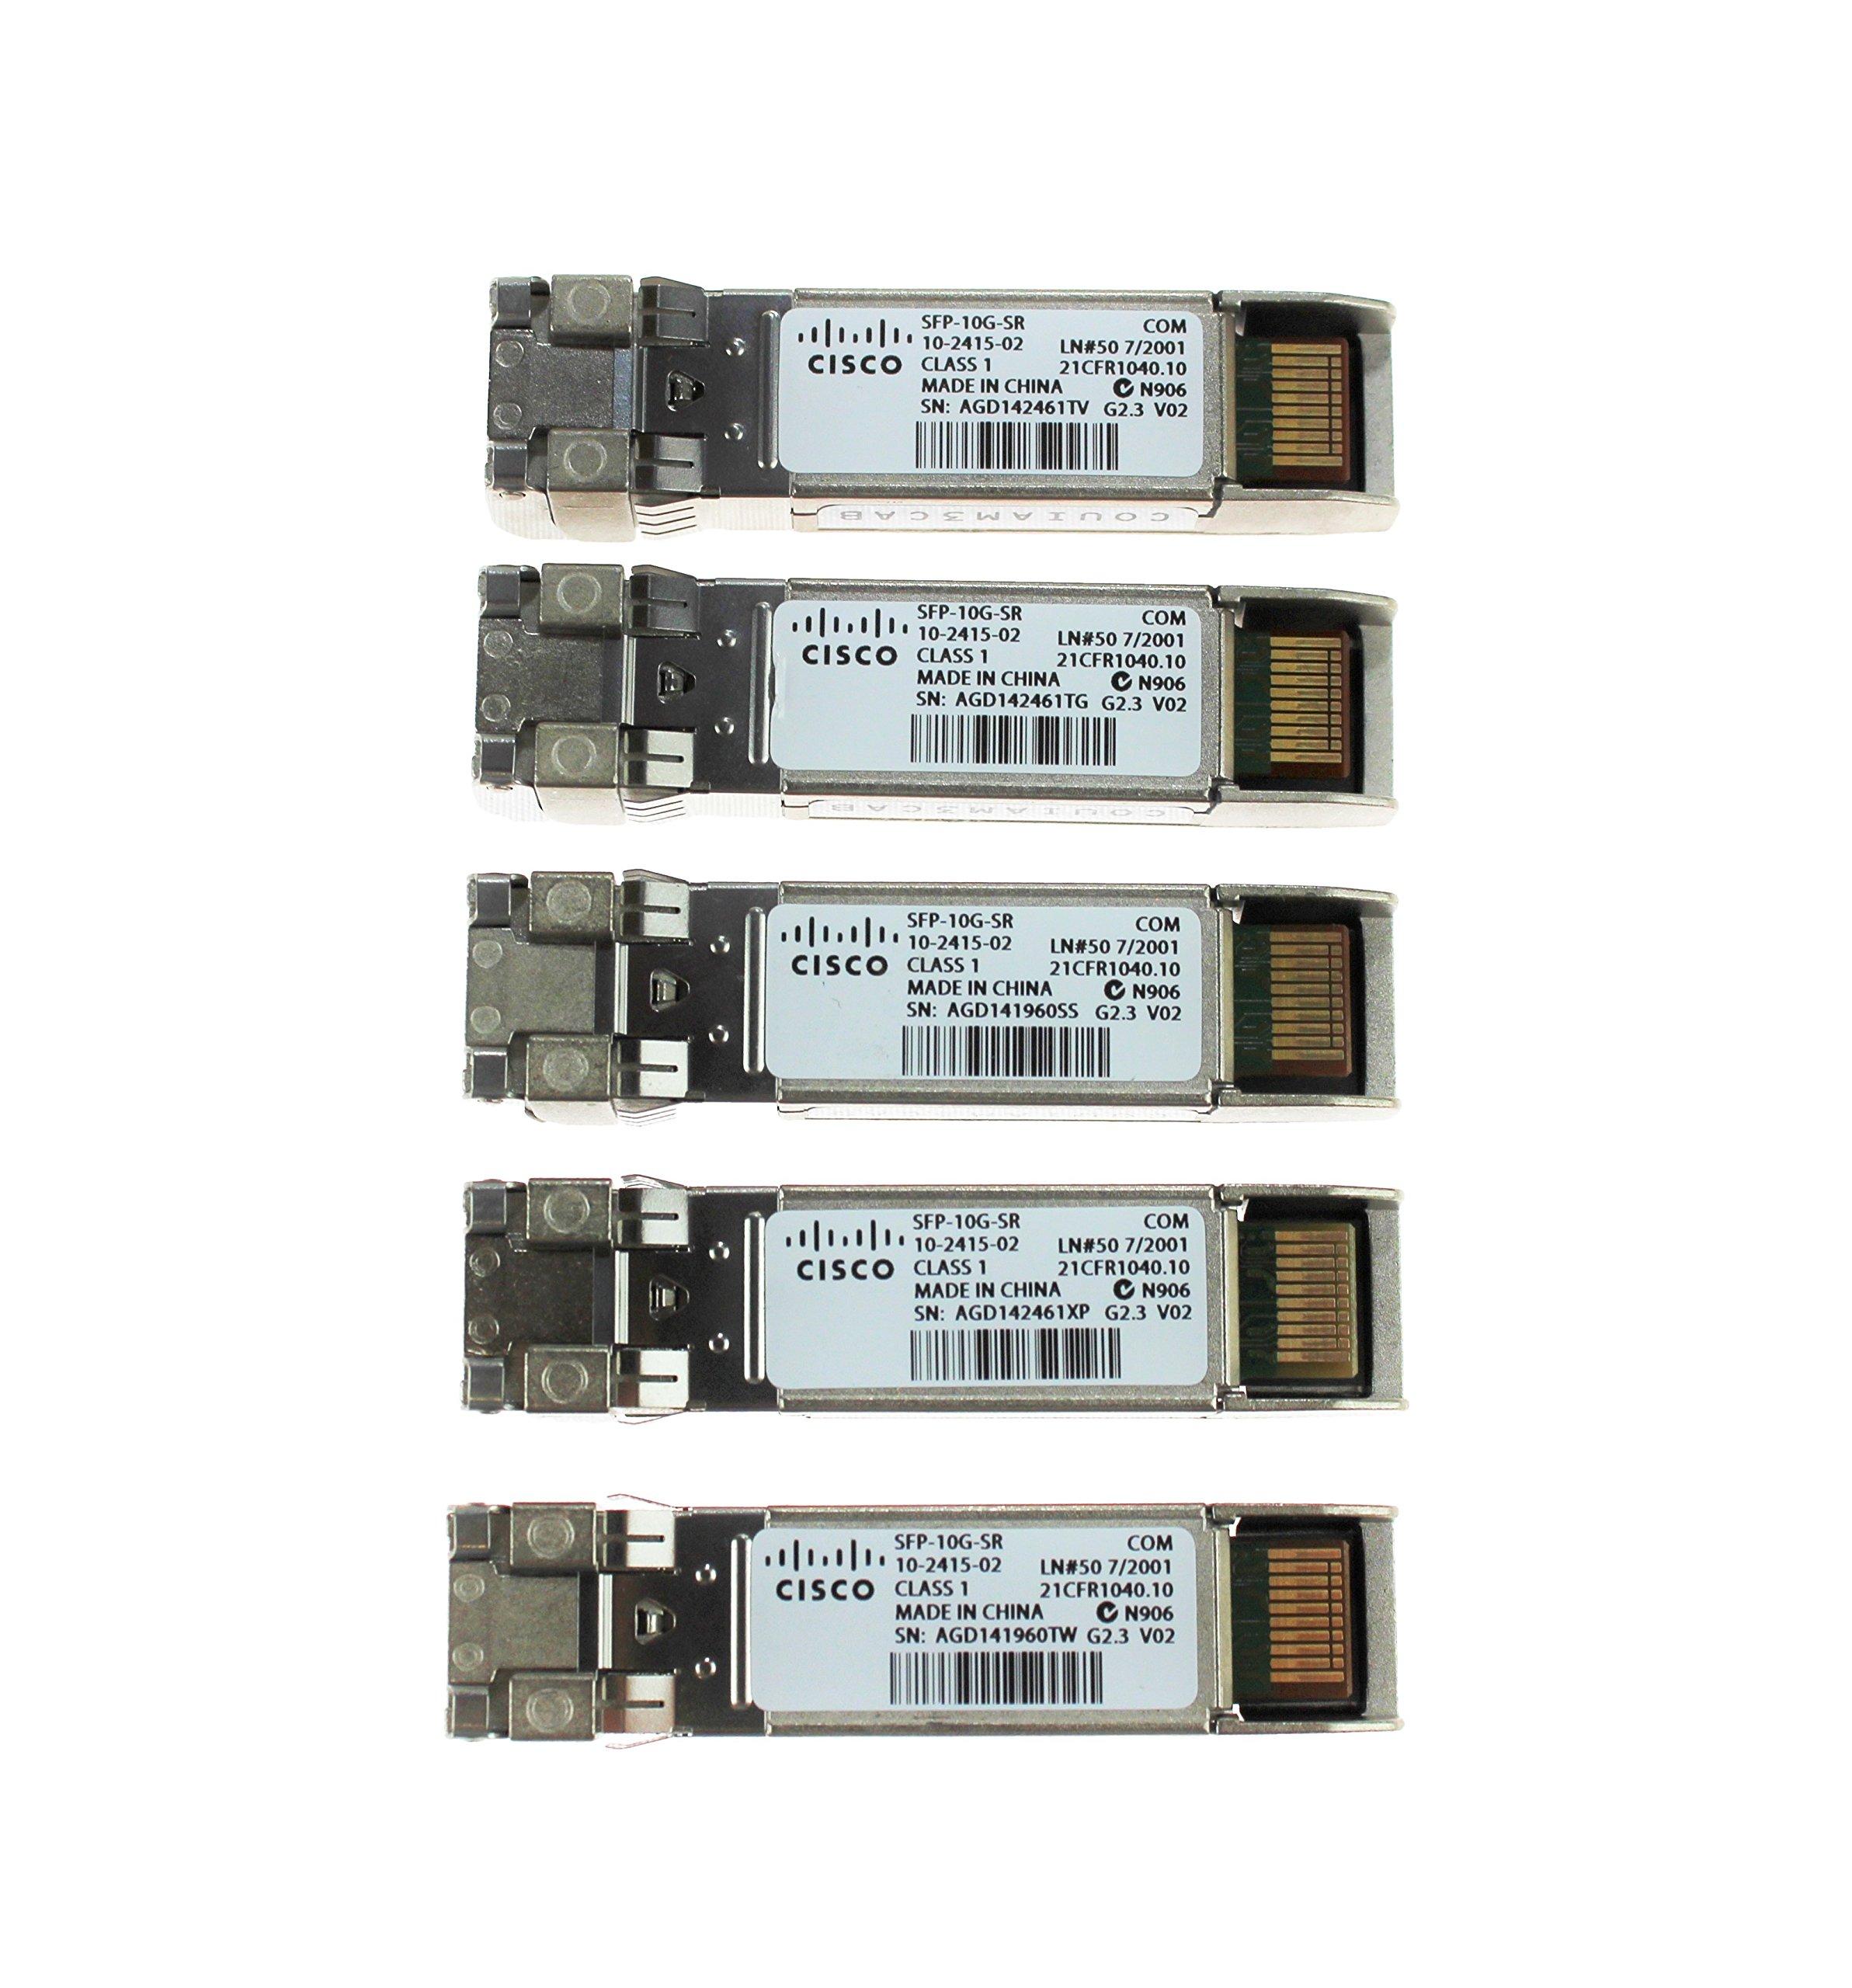 Cisco SFP-10G-SR 10GBase-SR SFP+ Transceiver